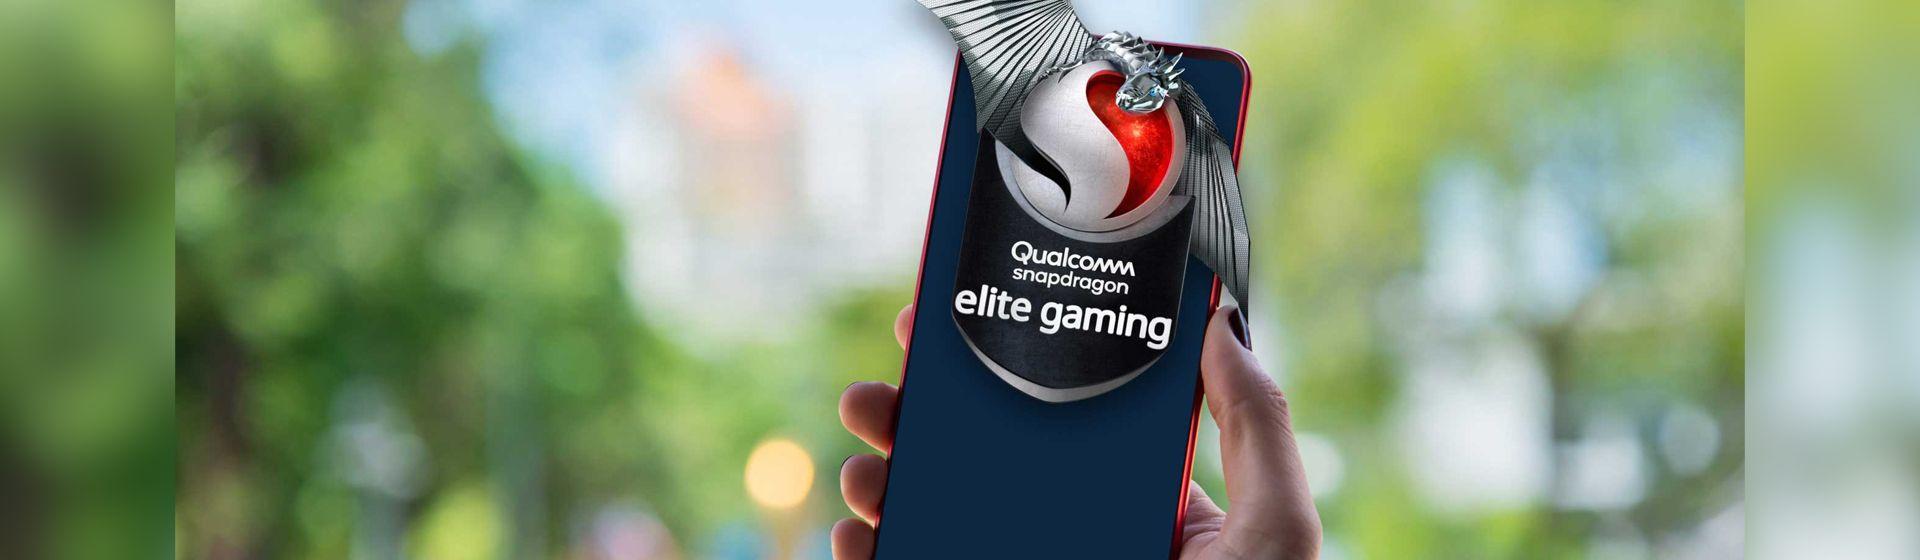 Rumores indicam que Qualcomm lançará o seu próprio celular gamer